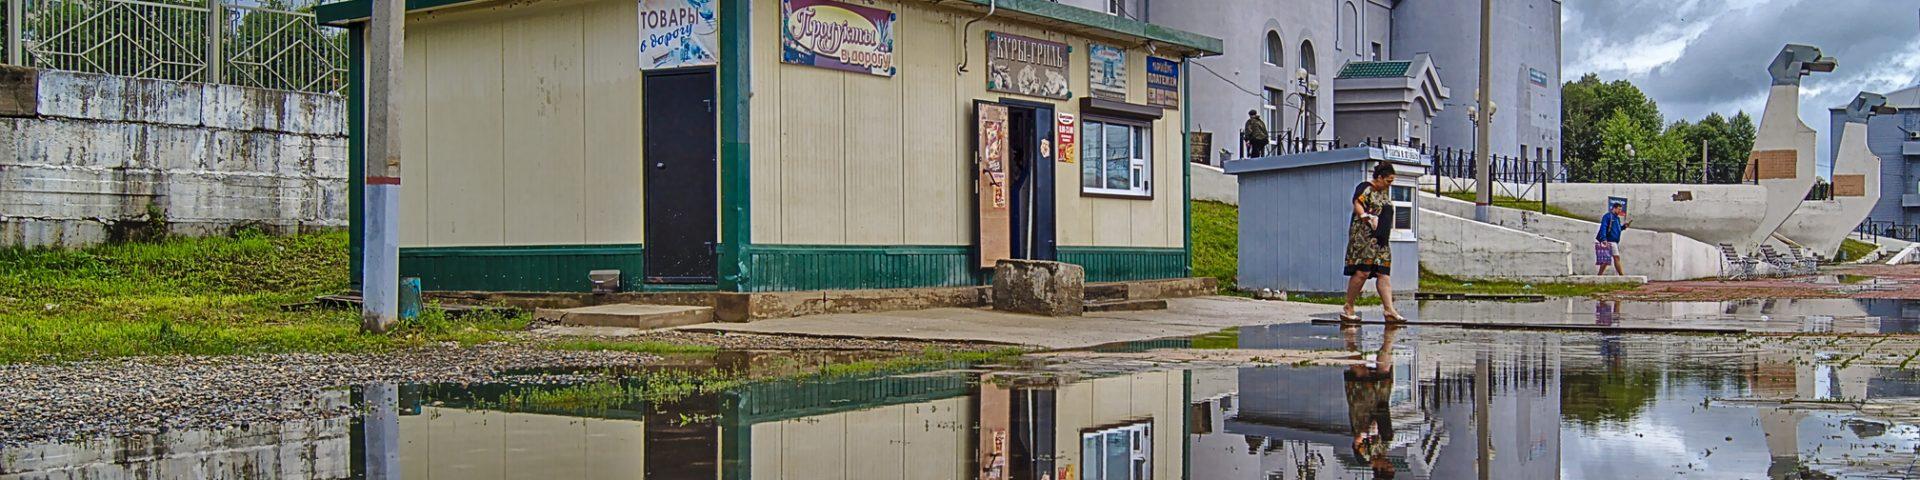 Riesenpfützen an einem Bahnhof Transsibirischen eisenbahn